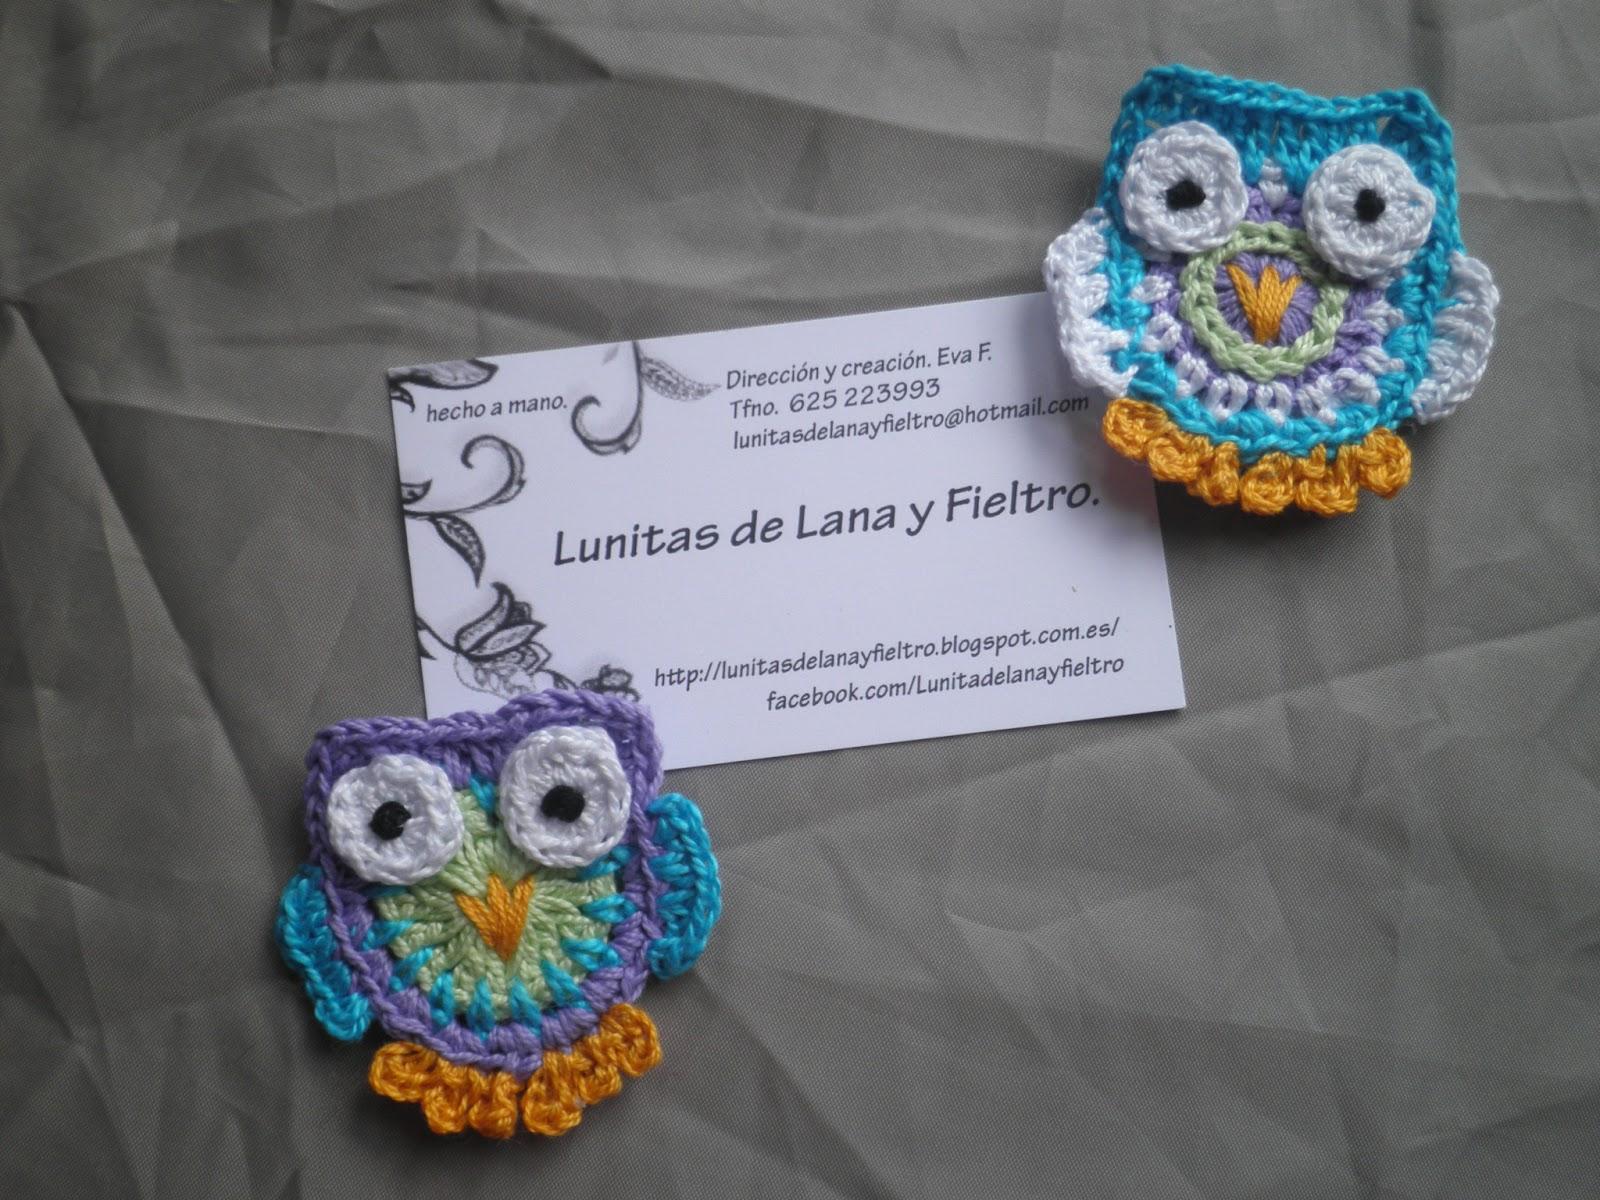 Lunitas de Lana y Fieltro: Duo de buhos tejidos a ganchillo, apliques